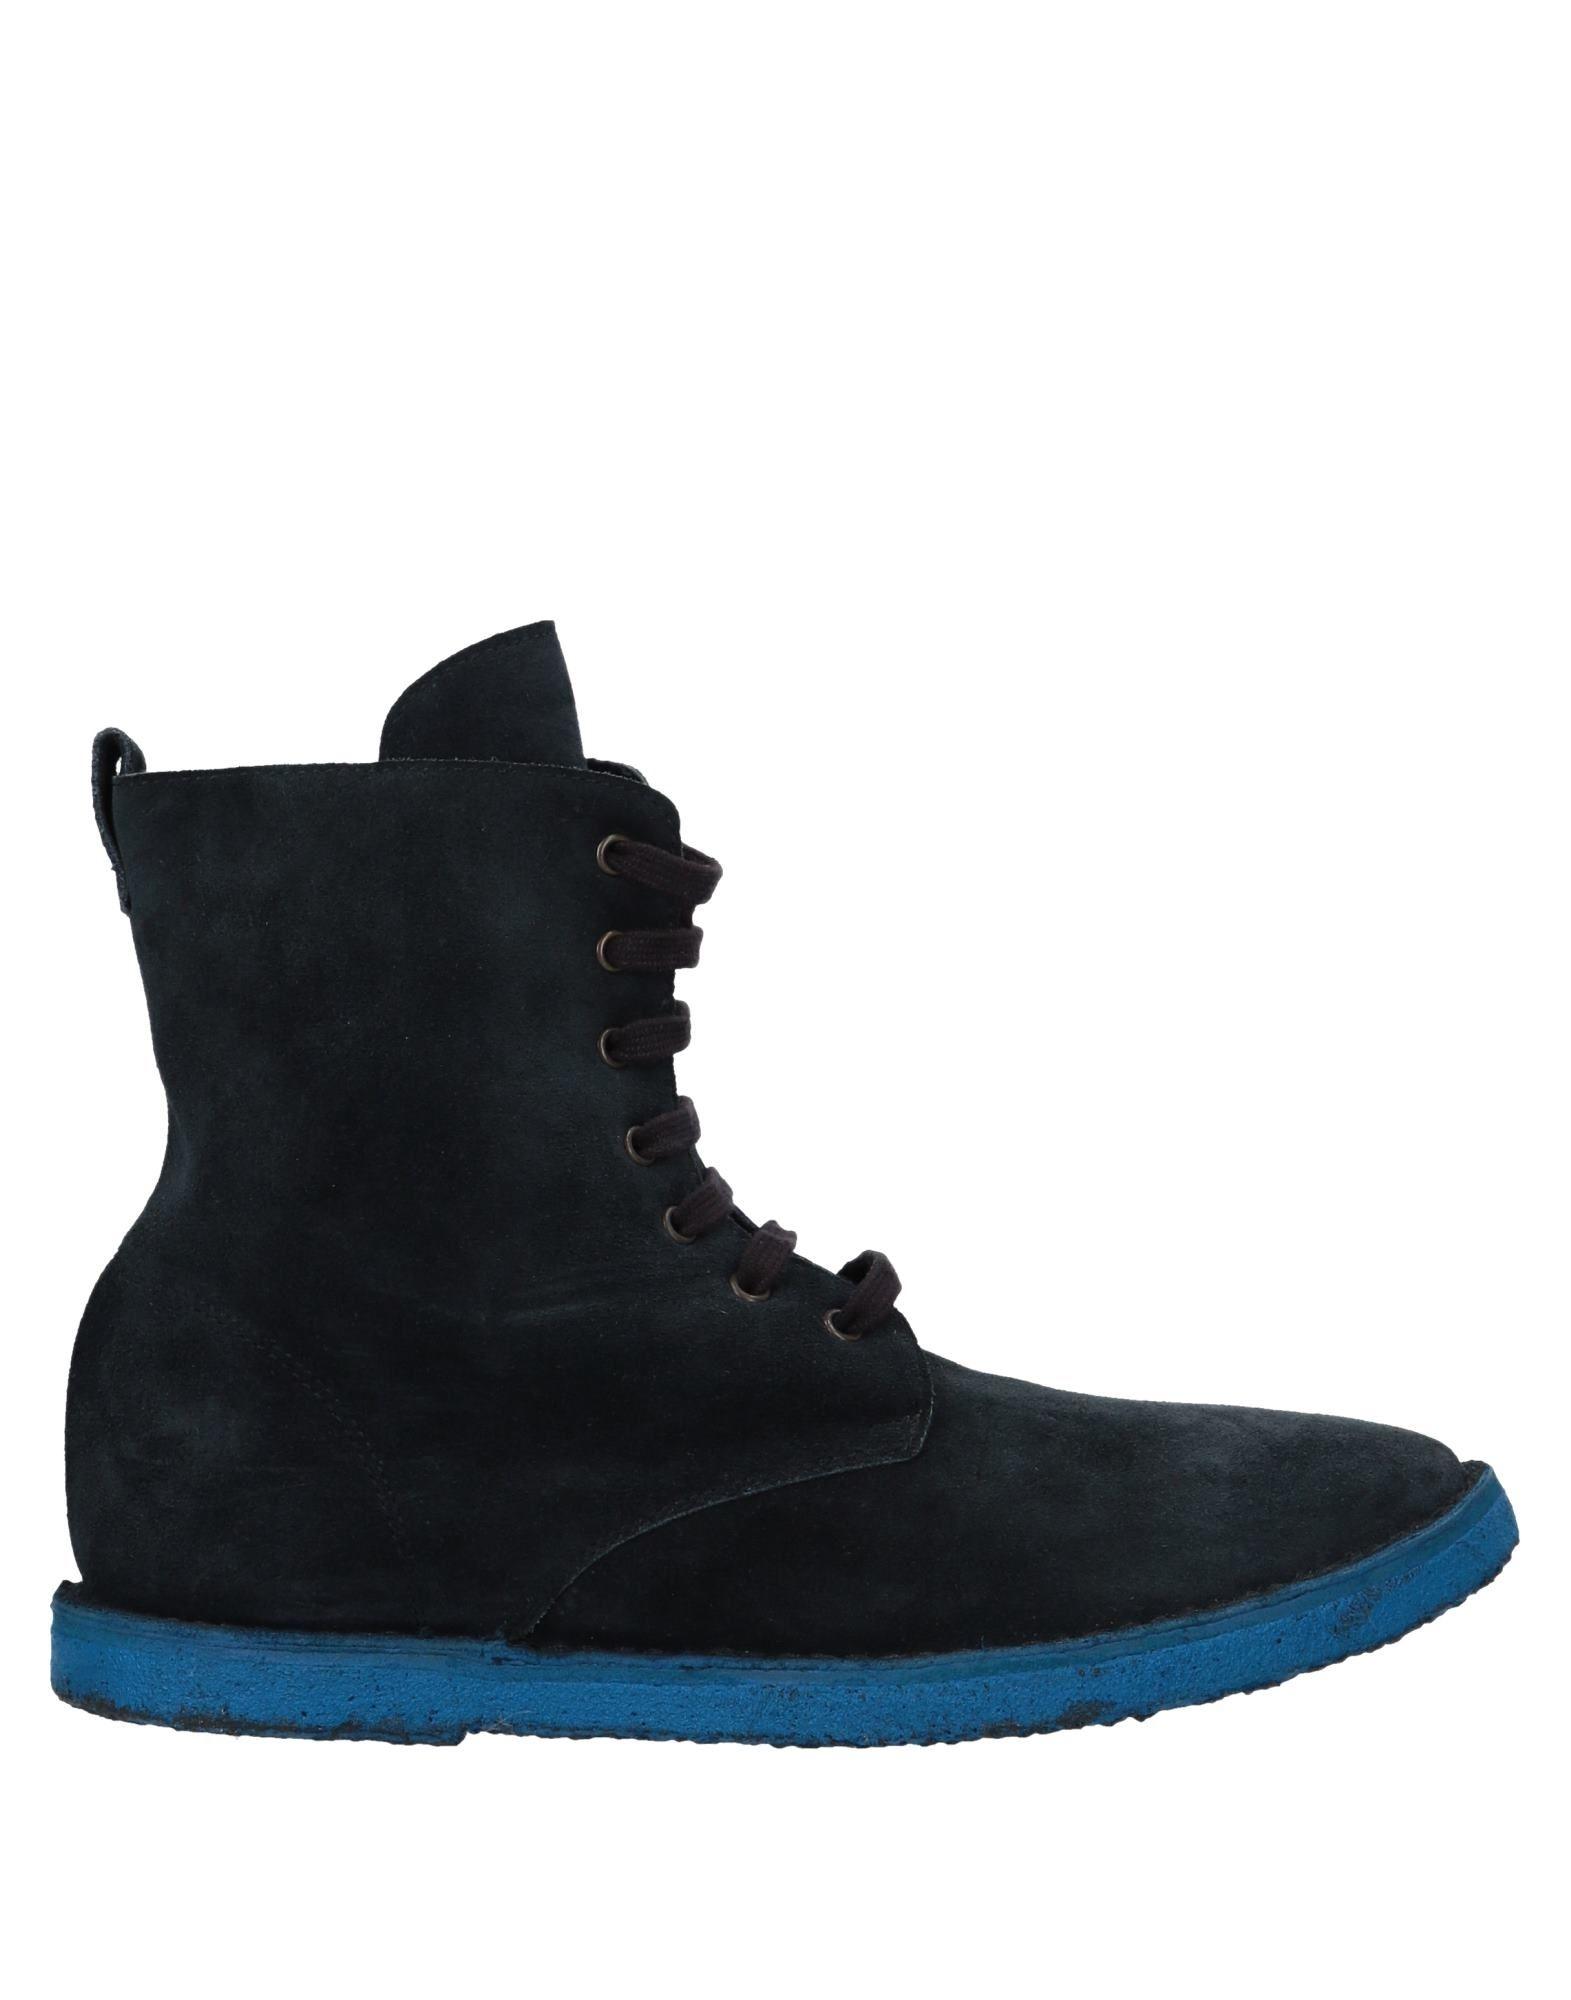 Buttero® Stiefelette Herren  11534908JJ Gute Qualität beliebte Schuhe